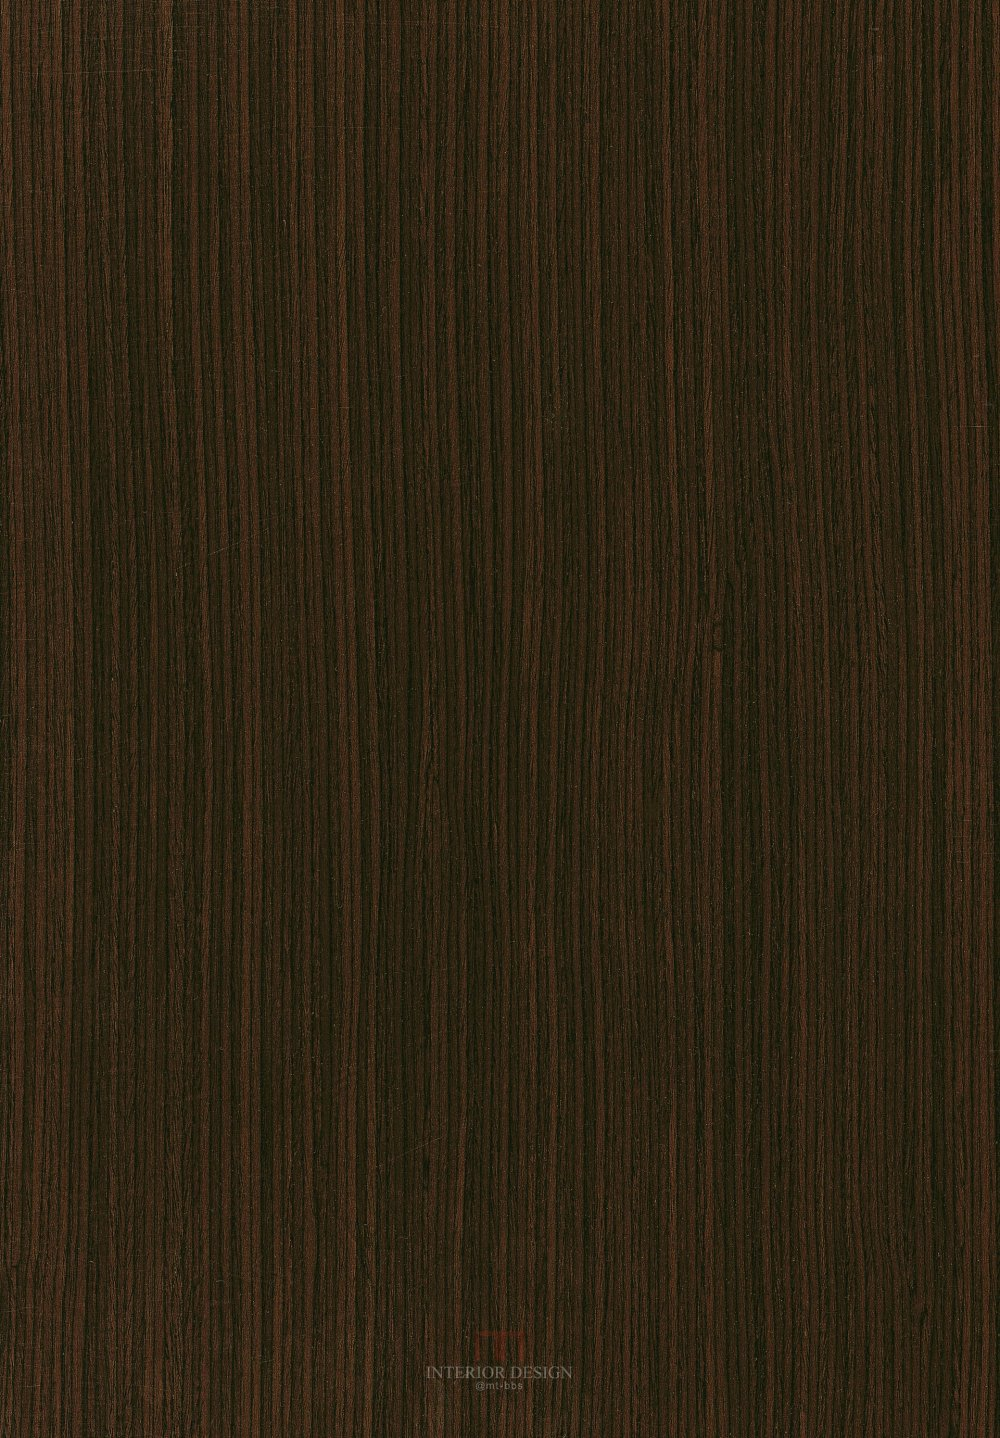 人造木纹_K6213_F0603.jpg